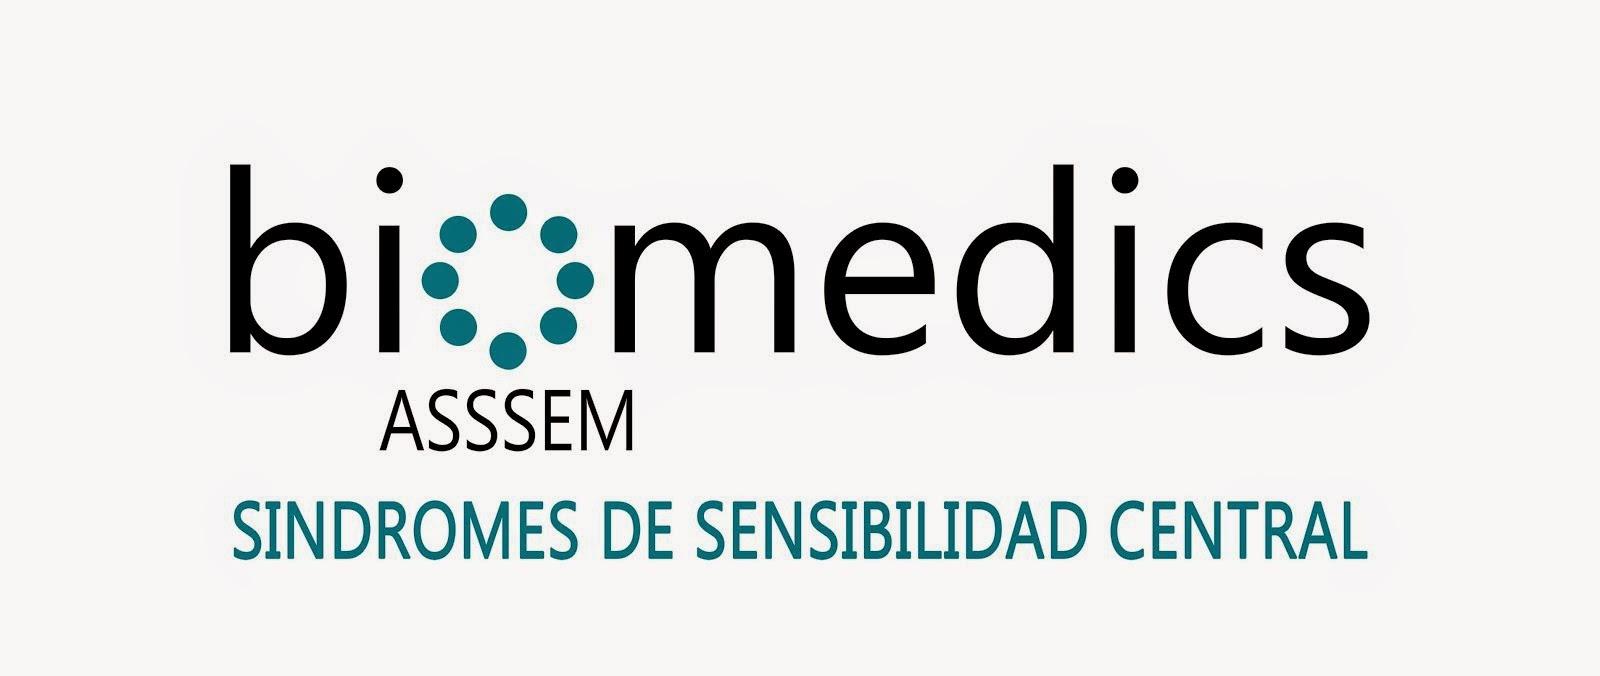 Hoy 16 de Marzo empezamos en ASSSEMBiomédics. Provenza 238, entlo 3 (Barcelona). 93 461 49 07